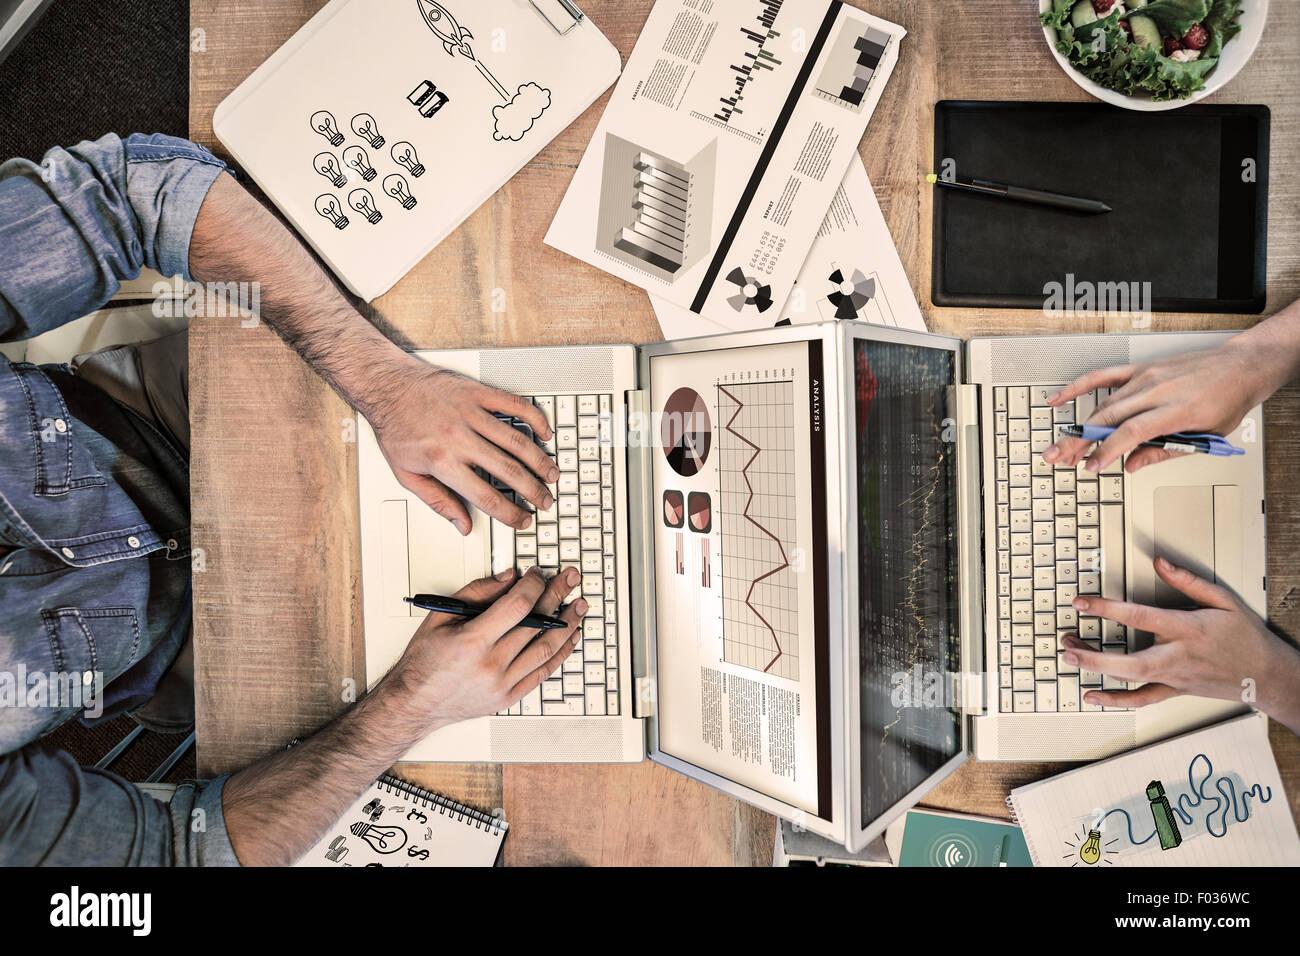 Zusammengesetztes Bild der Idee und Innovation Grafik Stockbild